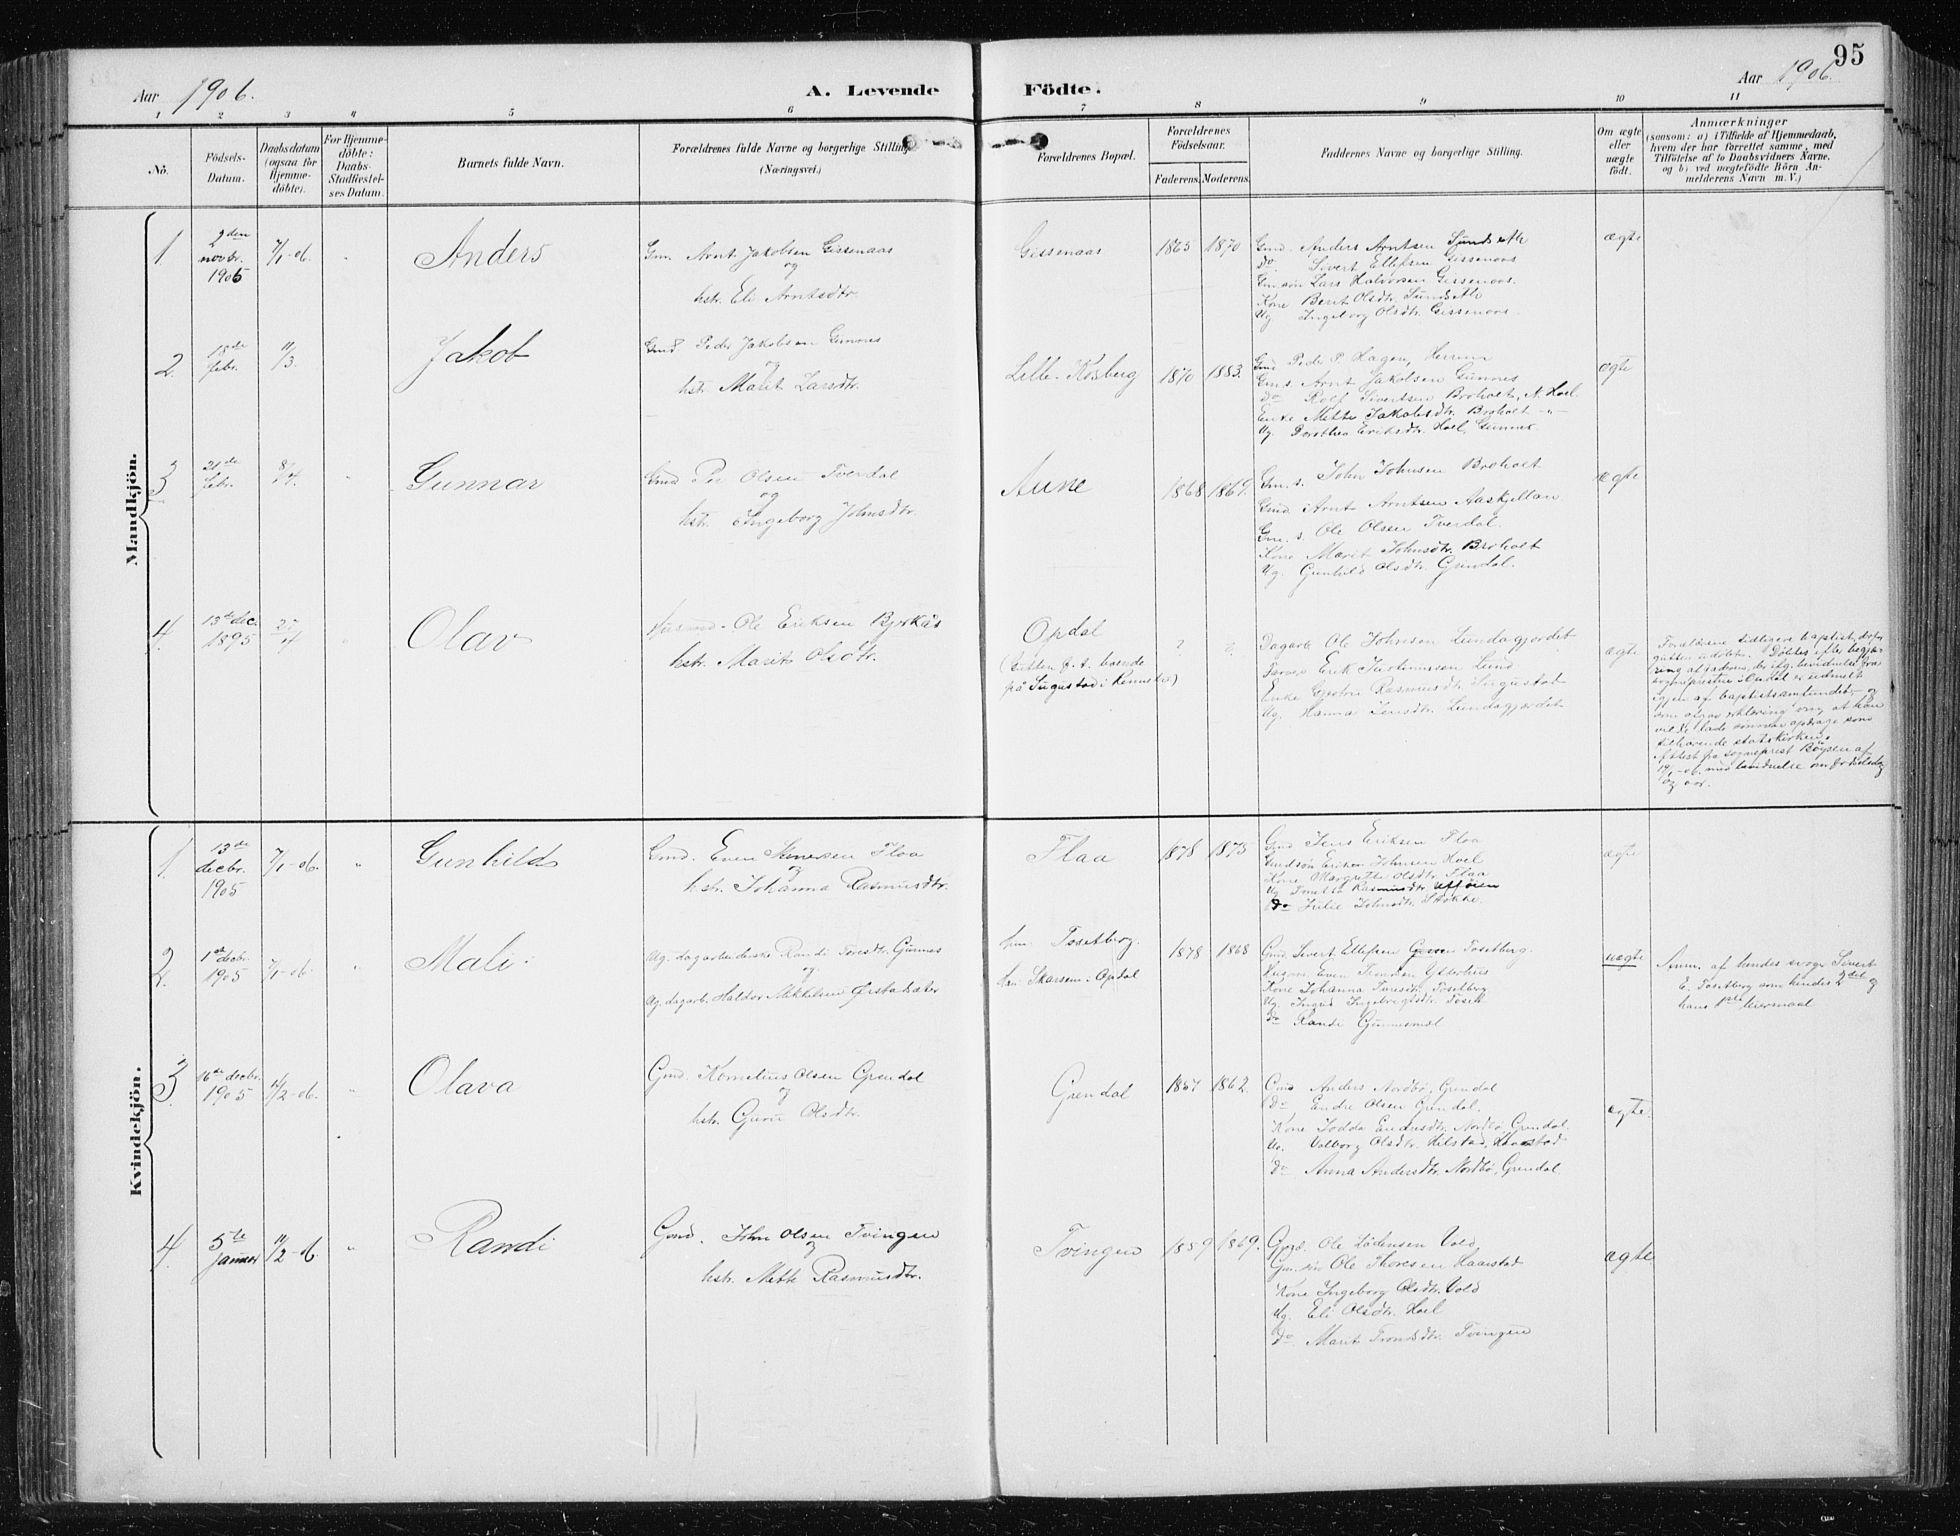 SAT, Ministerialprotokoller, klokkerbøker og fødselsregistre - Sør-Trøndelag, 674/L0876: Klokkerbok nr. 674C03, 1892-1912, s. 95